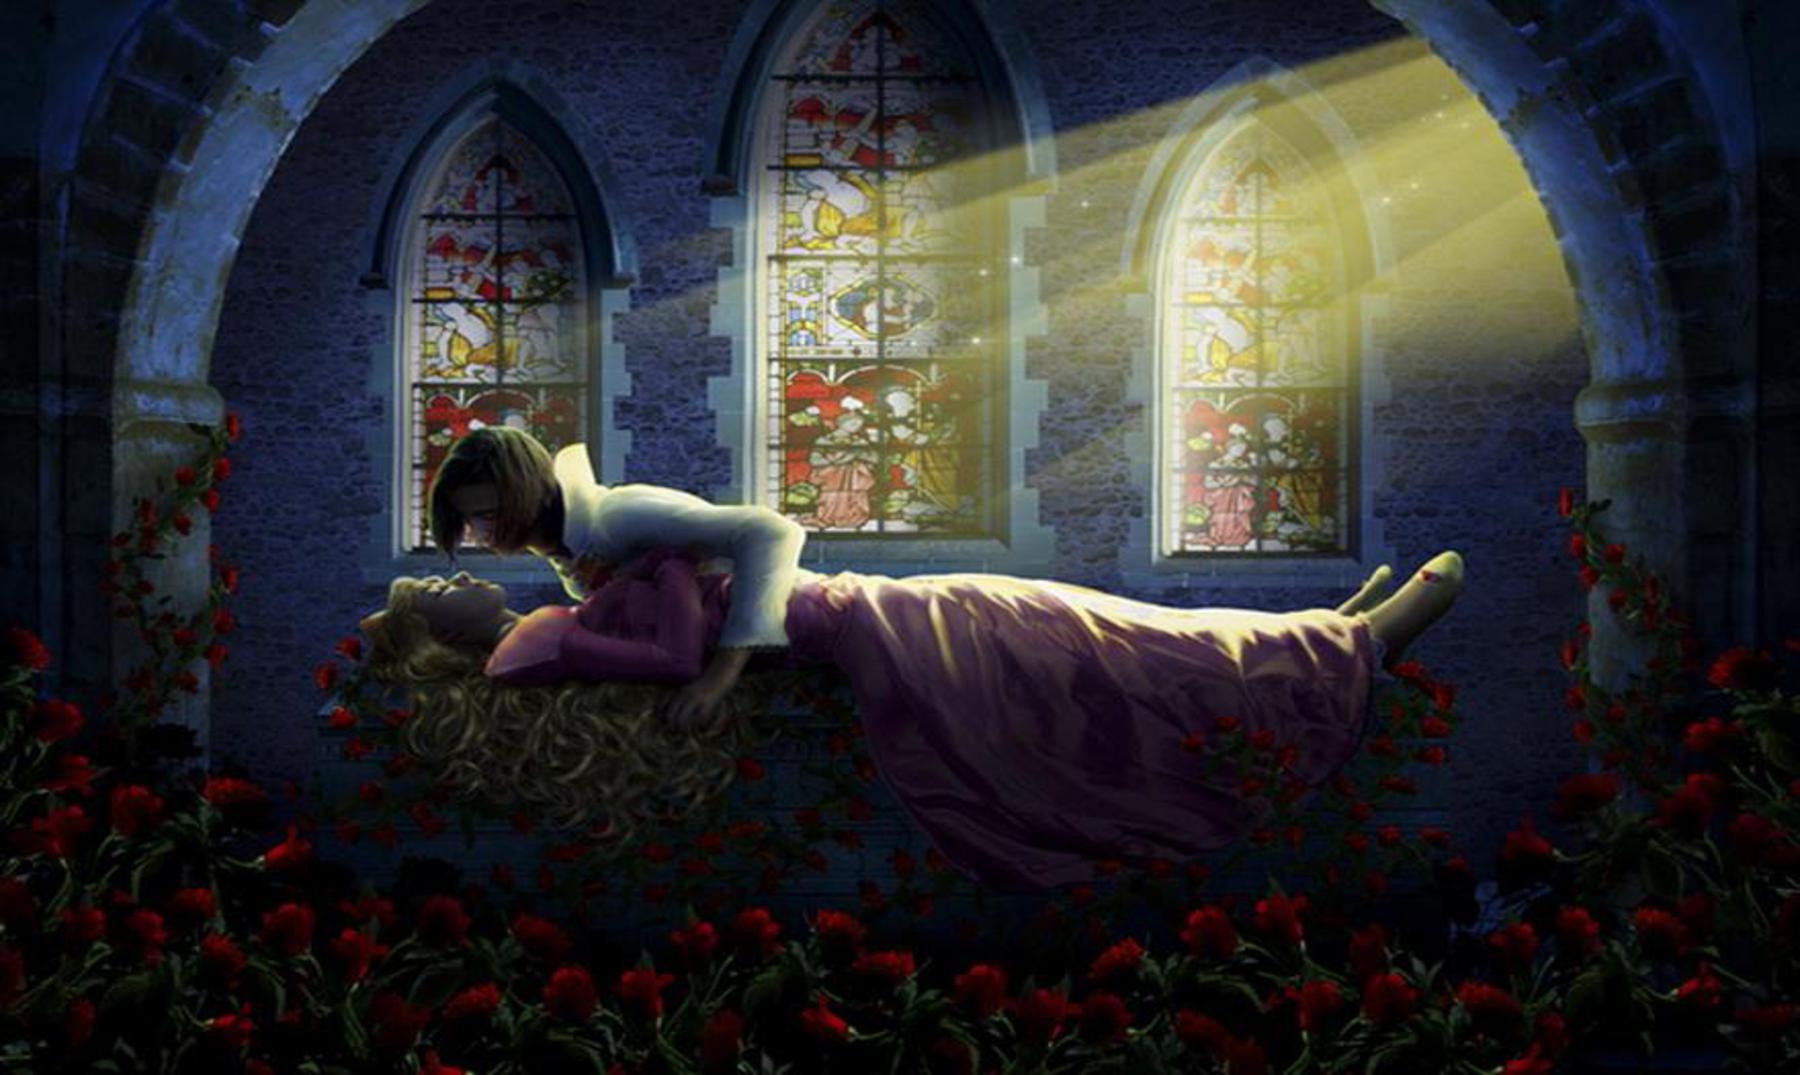 la bella durmiente cuento gratis